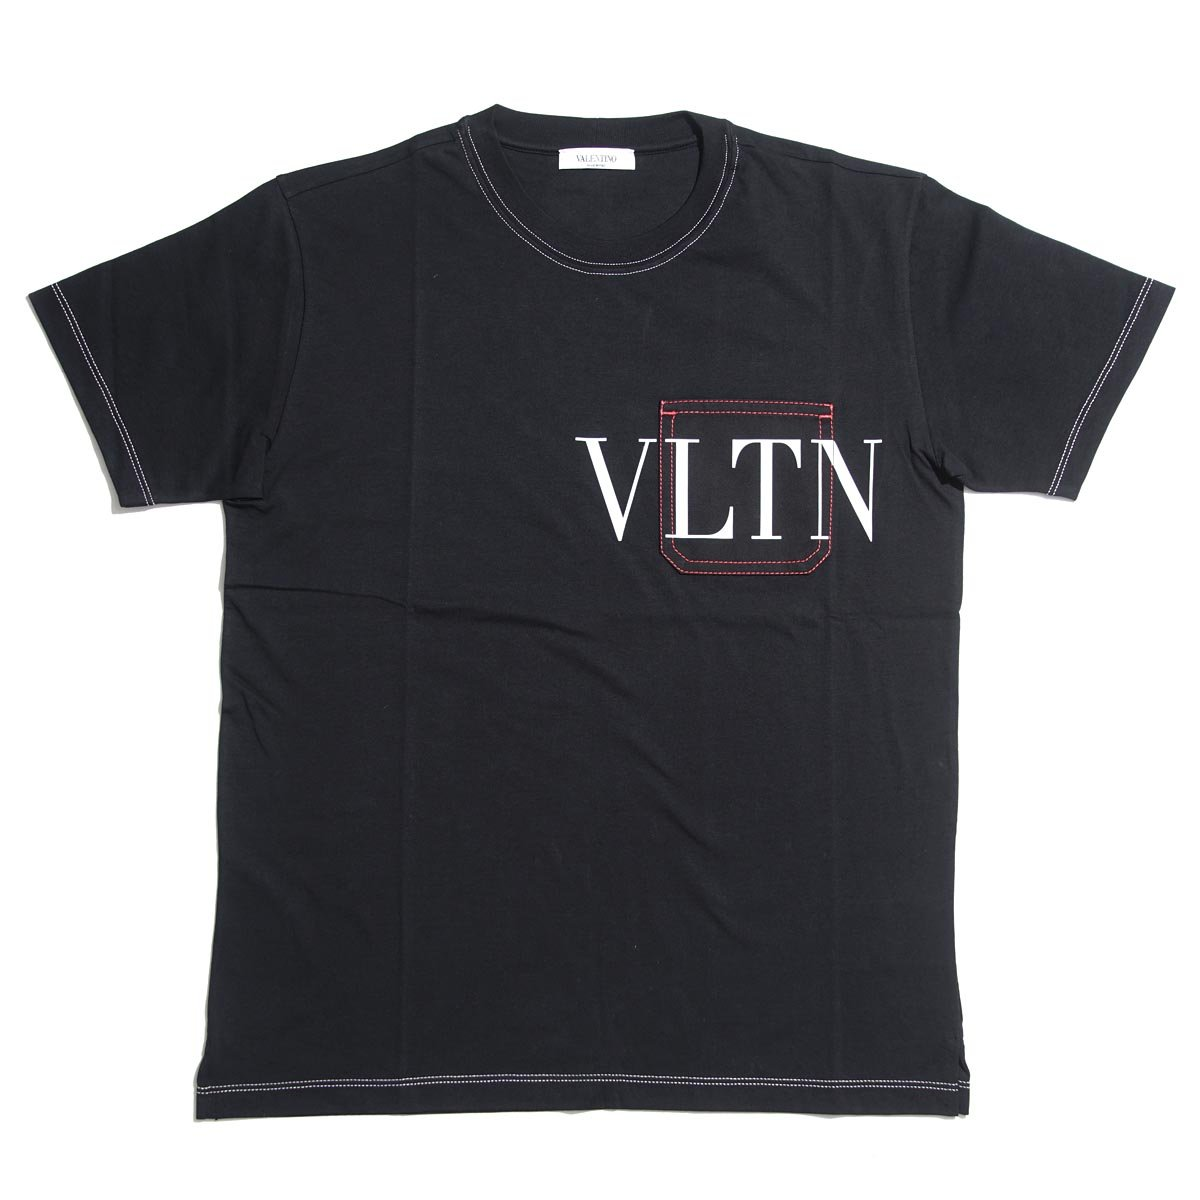 (ヴァレンティノガラヴァーニ) VALENTINO GARAVANI クルーネック Tシャツ/VLTN [並行輸入品] B07CLLV8BL XS|ブラック ブラック XS